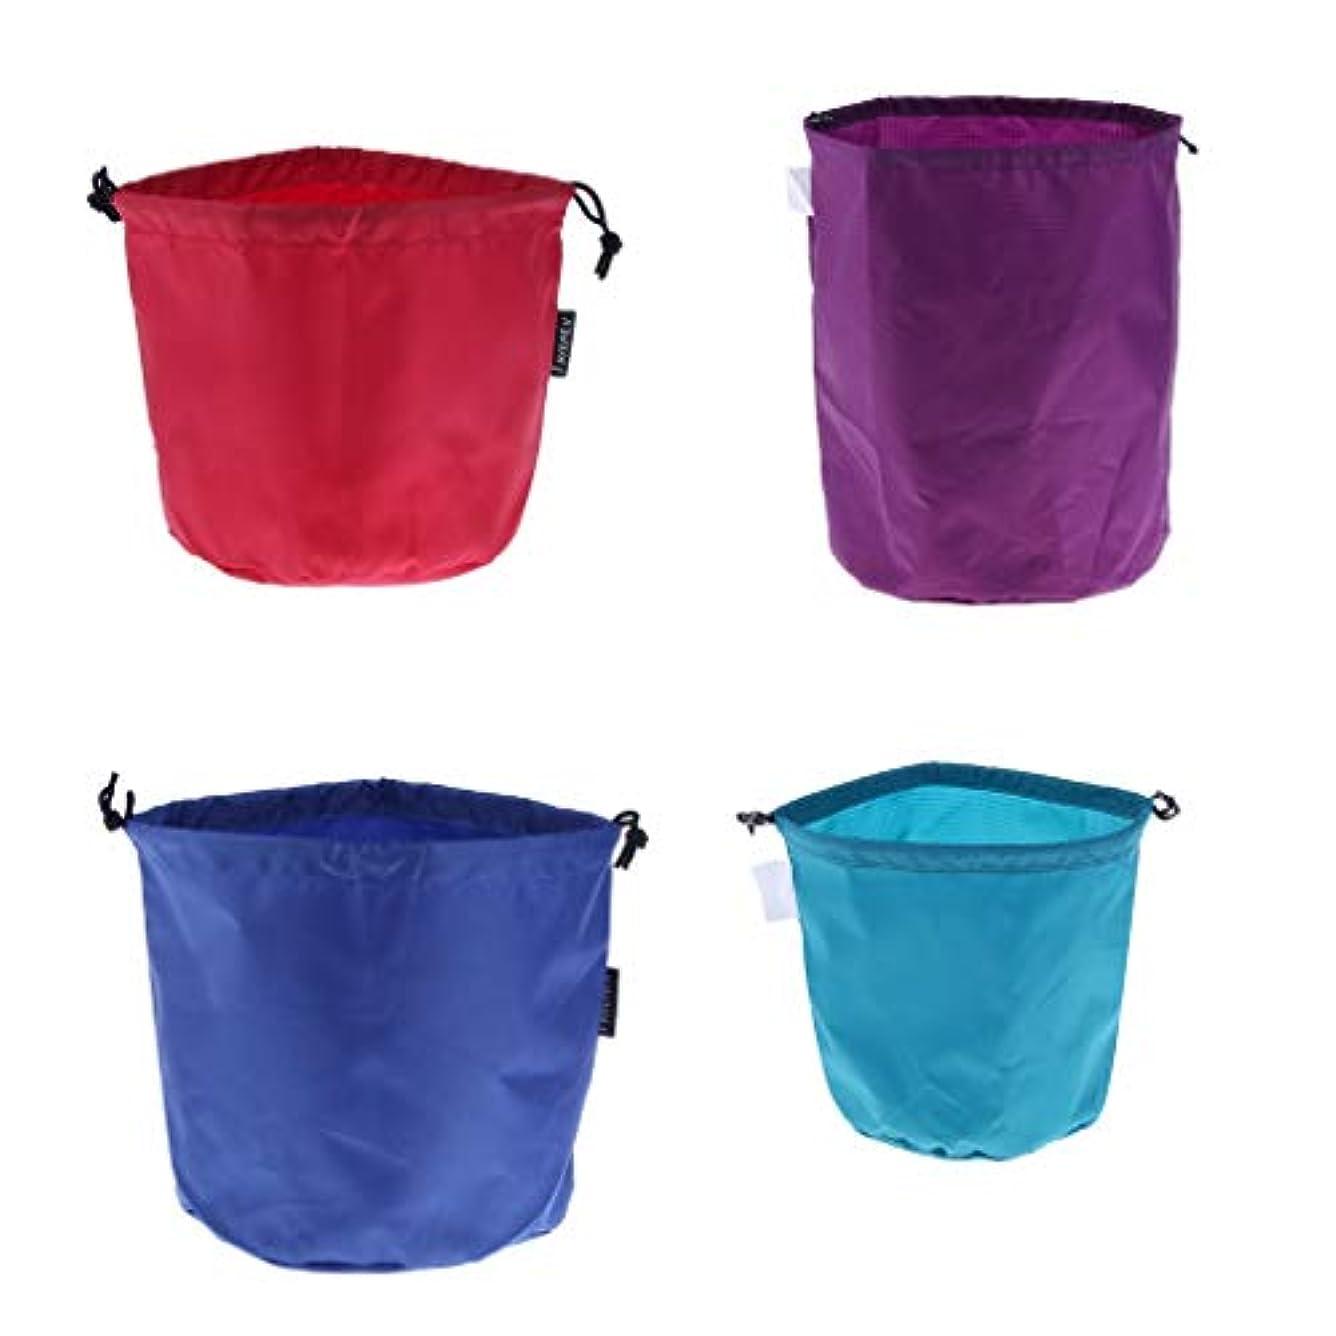 会計士経験的付添人Baoblaze 4個 キャンピング 食器 ポット収納袋 巾着バッグ